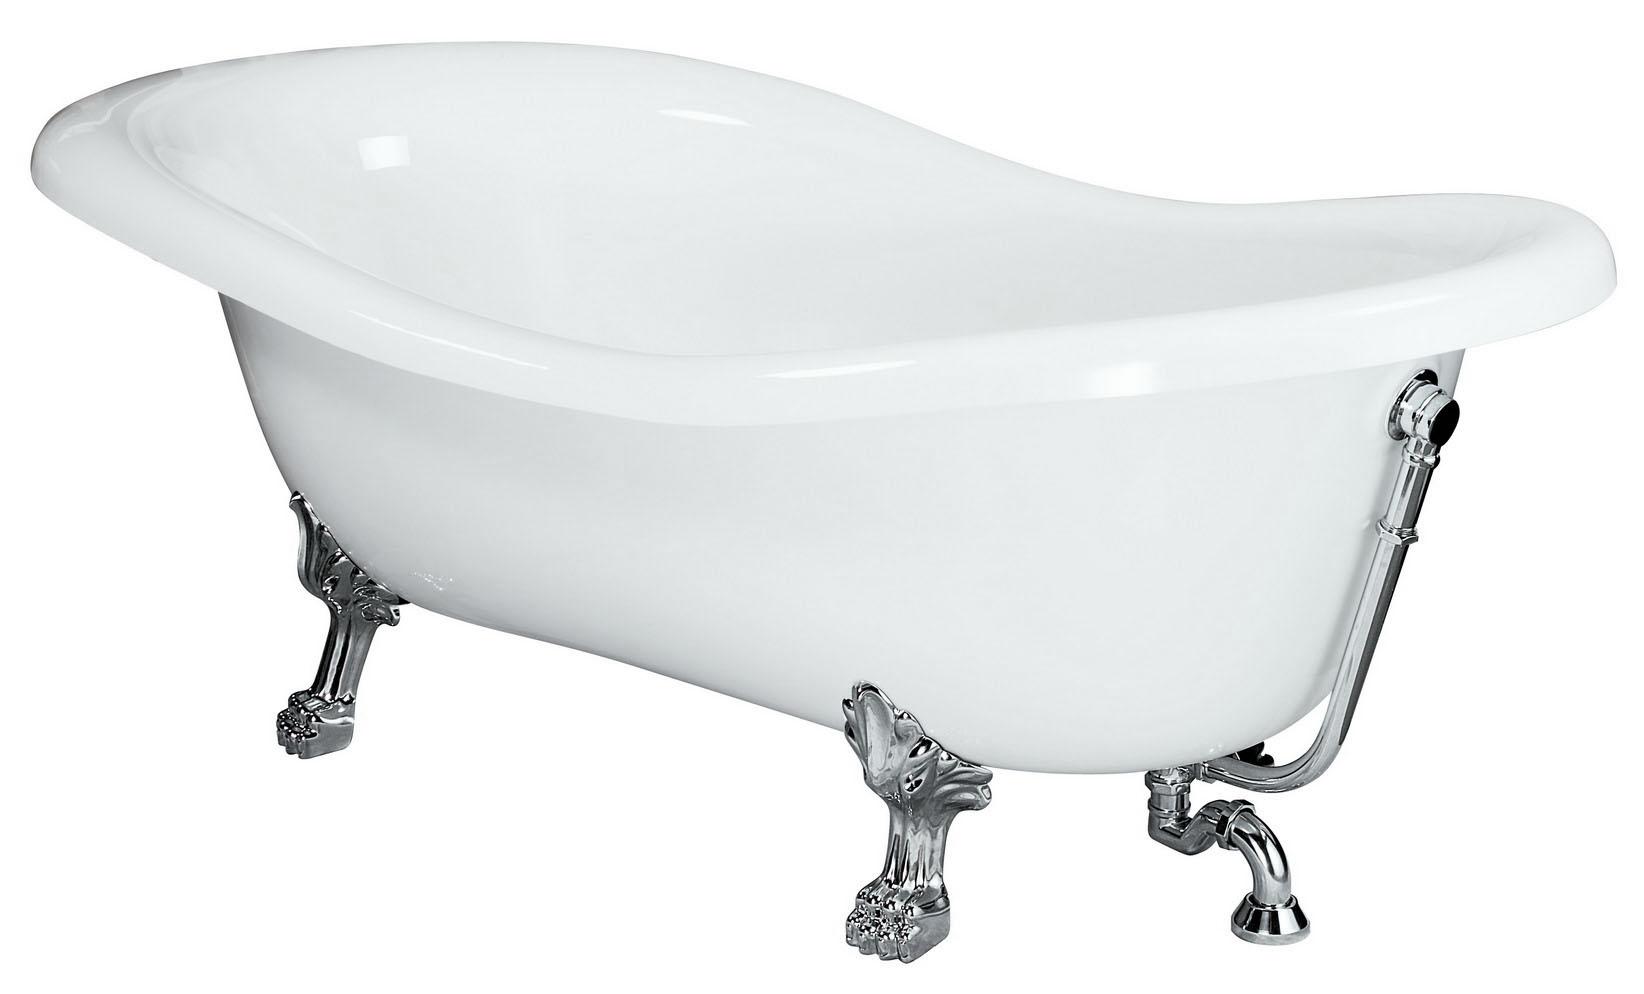 Ванна для ванной комнаты купить. Хорошая ванна для ванной комнаты купить.